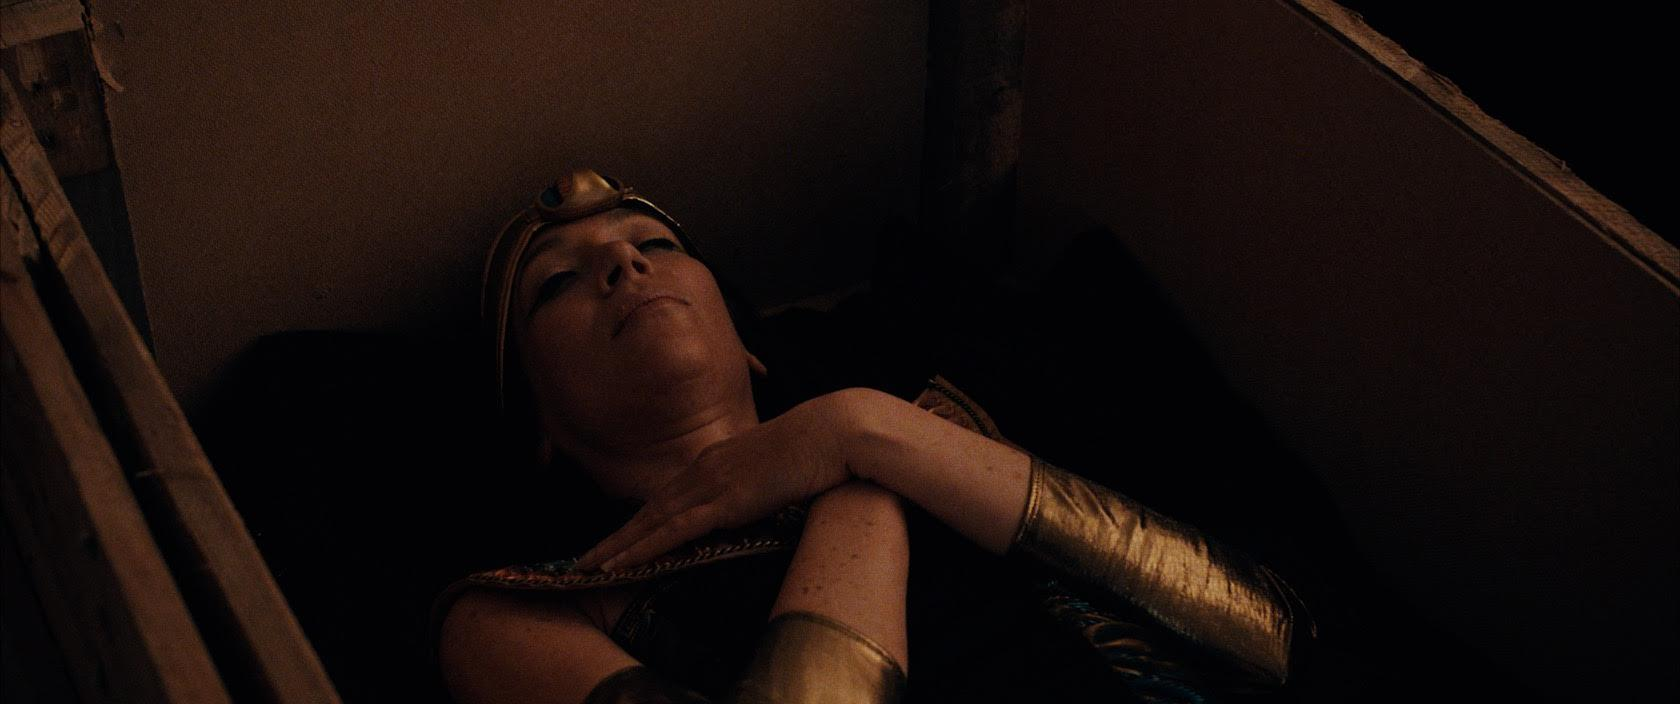 مشاهدة فيلم Mummy Reborn (2019) مترجم HD اون لاين